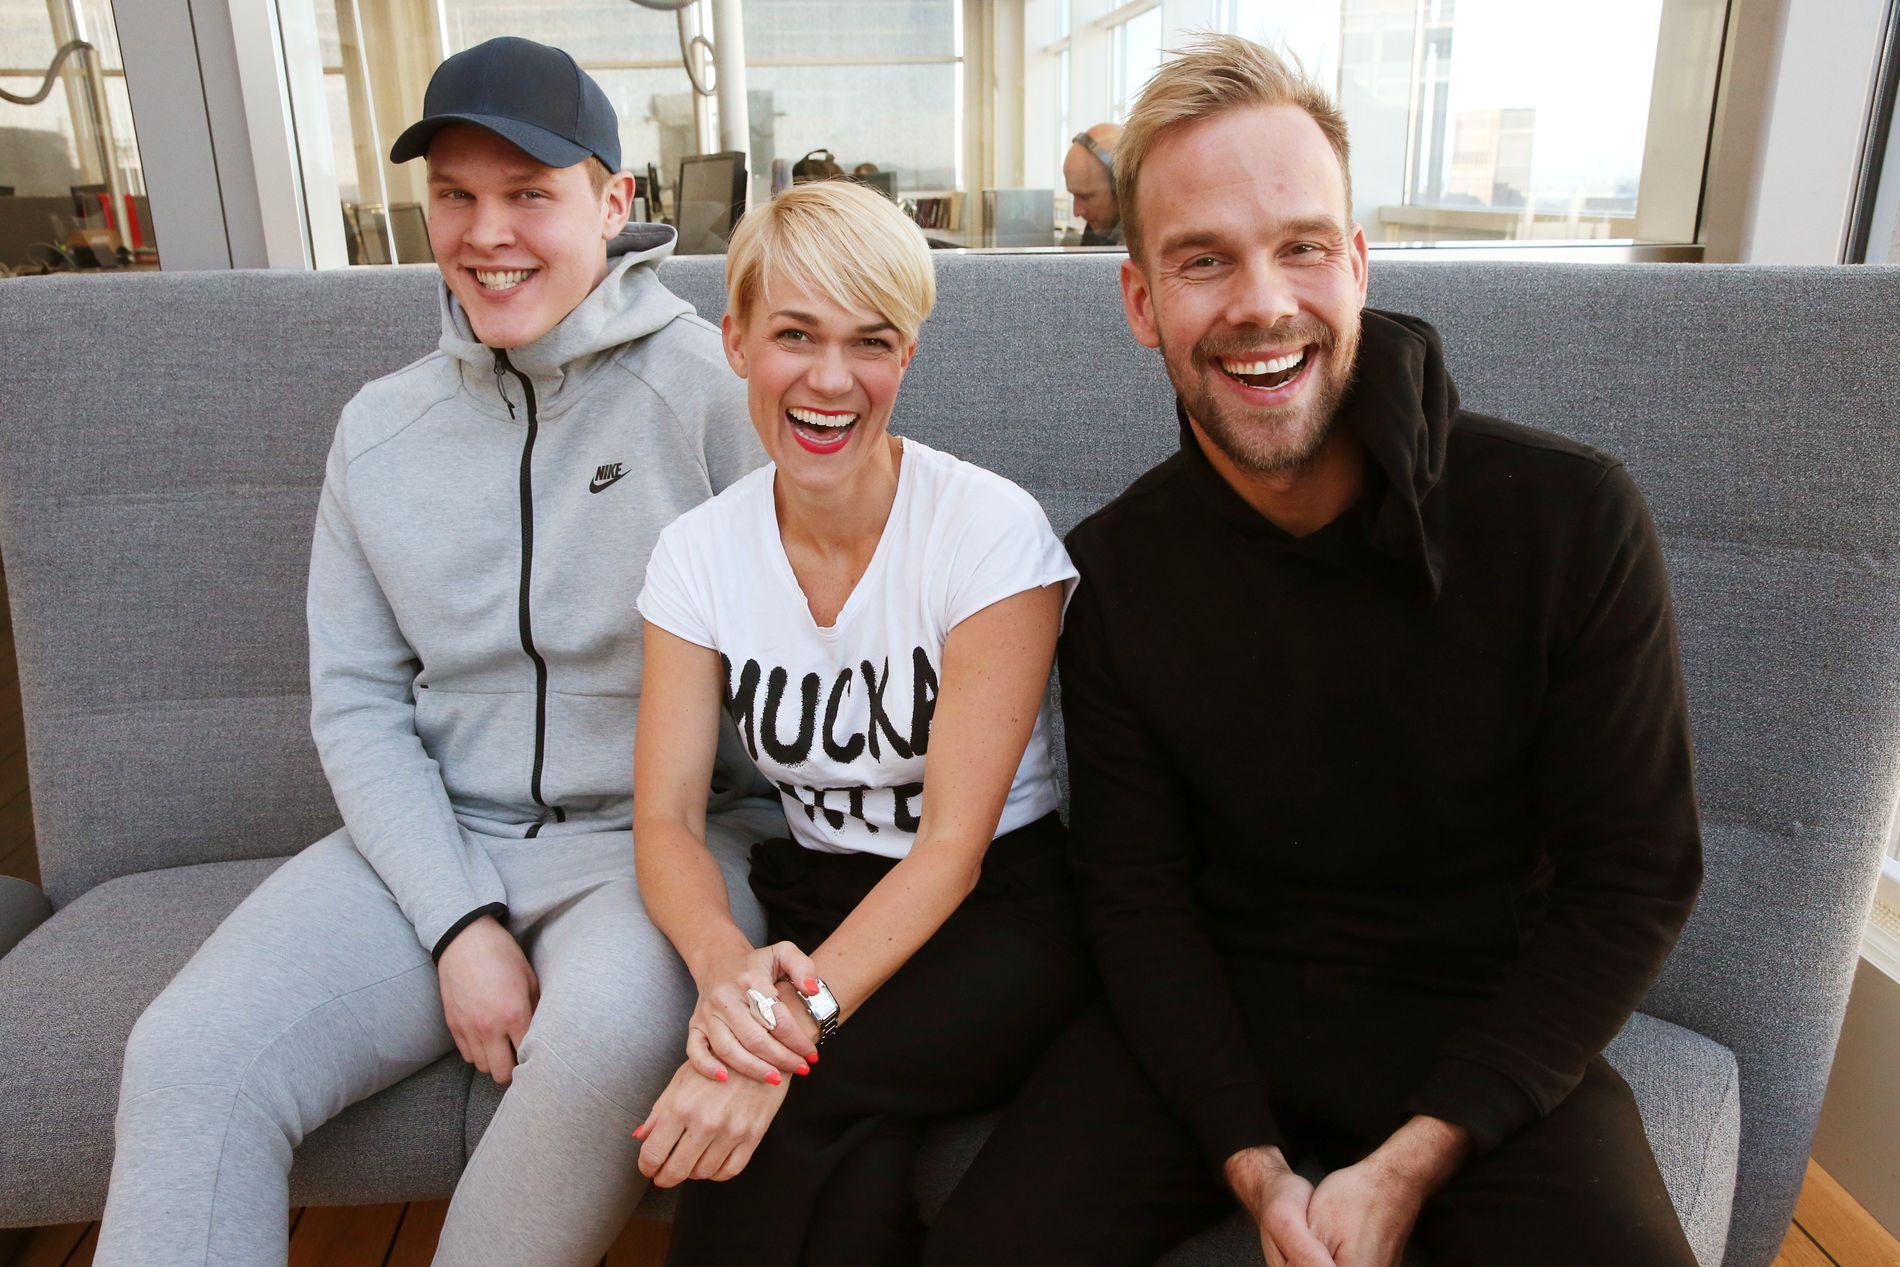 BIKKET SYVSIFRET: Vegard Harm, Sigrid Bonde Tusvik og Morten Hegseth. Lisa Tønne kunne ikke være tilstede da bildet ble tatt.